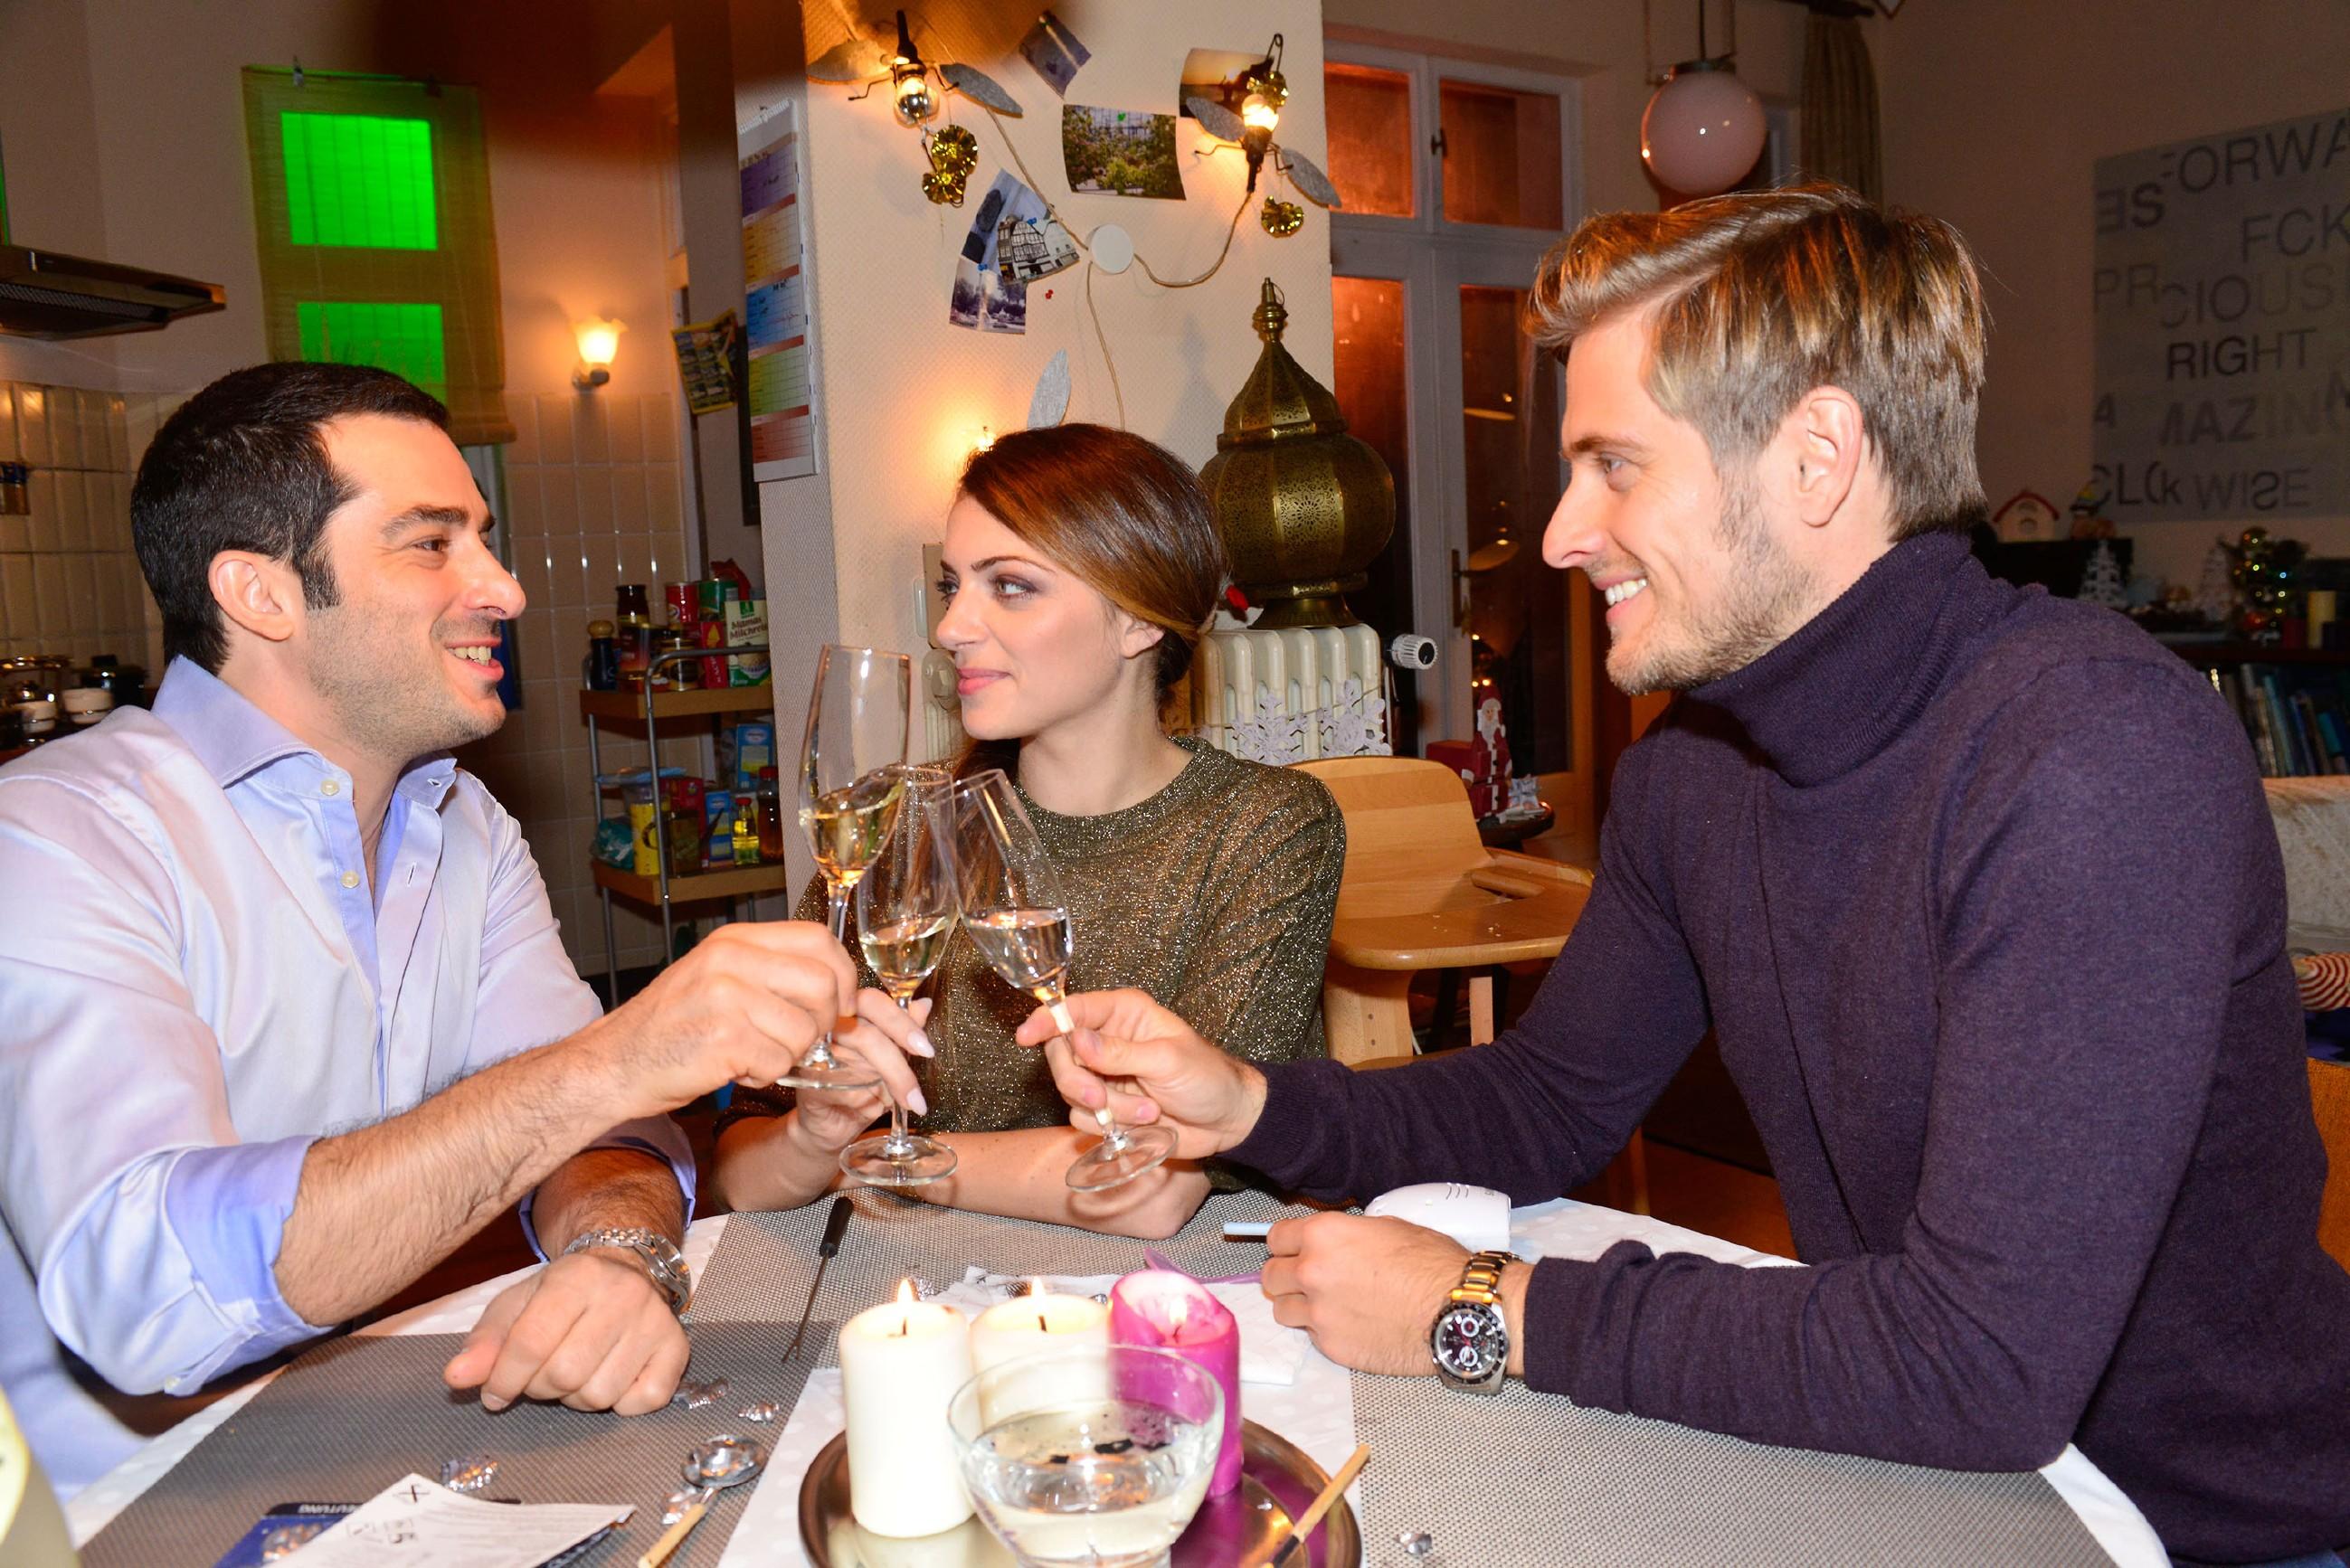 Tayfun (Tayfun Baydar, l.), Emily (Anne Menden) und Philip (Jörn Schlönvoigt) reflektieren ihre Fehltritte des letzten Jahres und stoßen auf ein hoffentlich unbeschwertes 2016 an. (Quelle: RTL / Rolf Baumgartner)